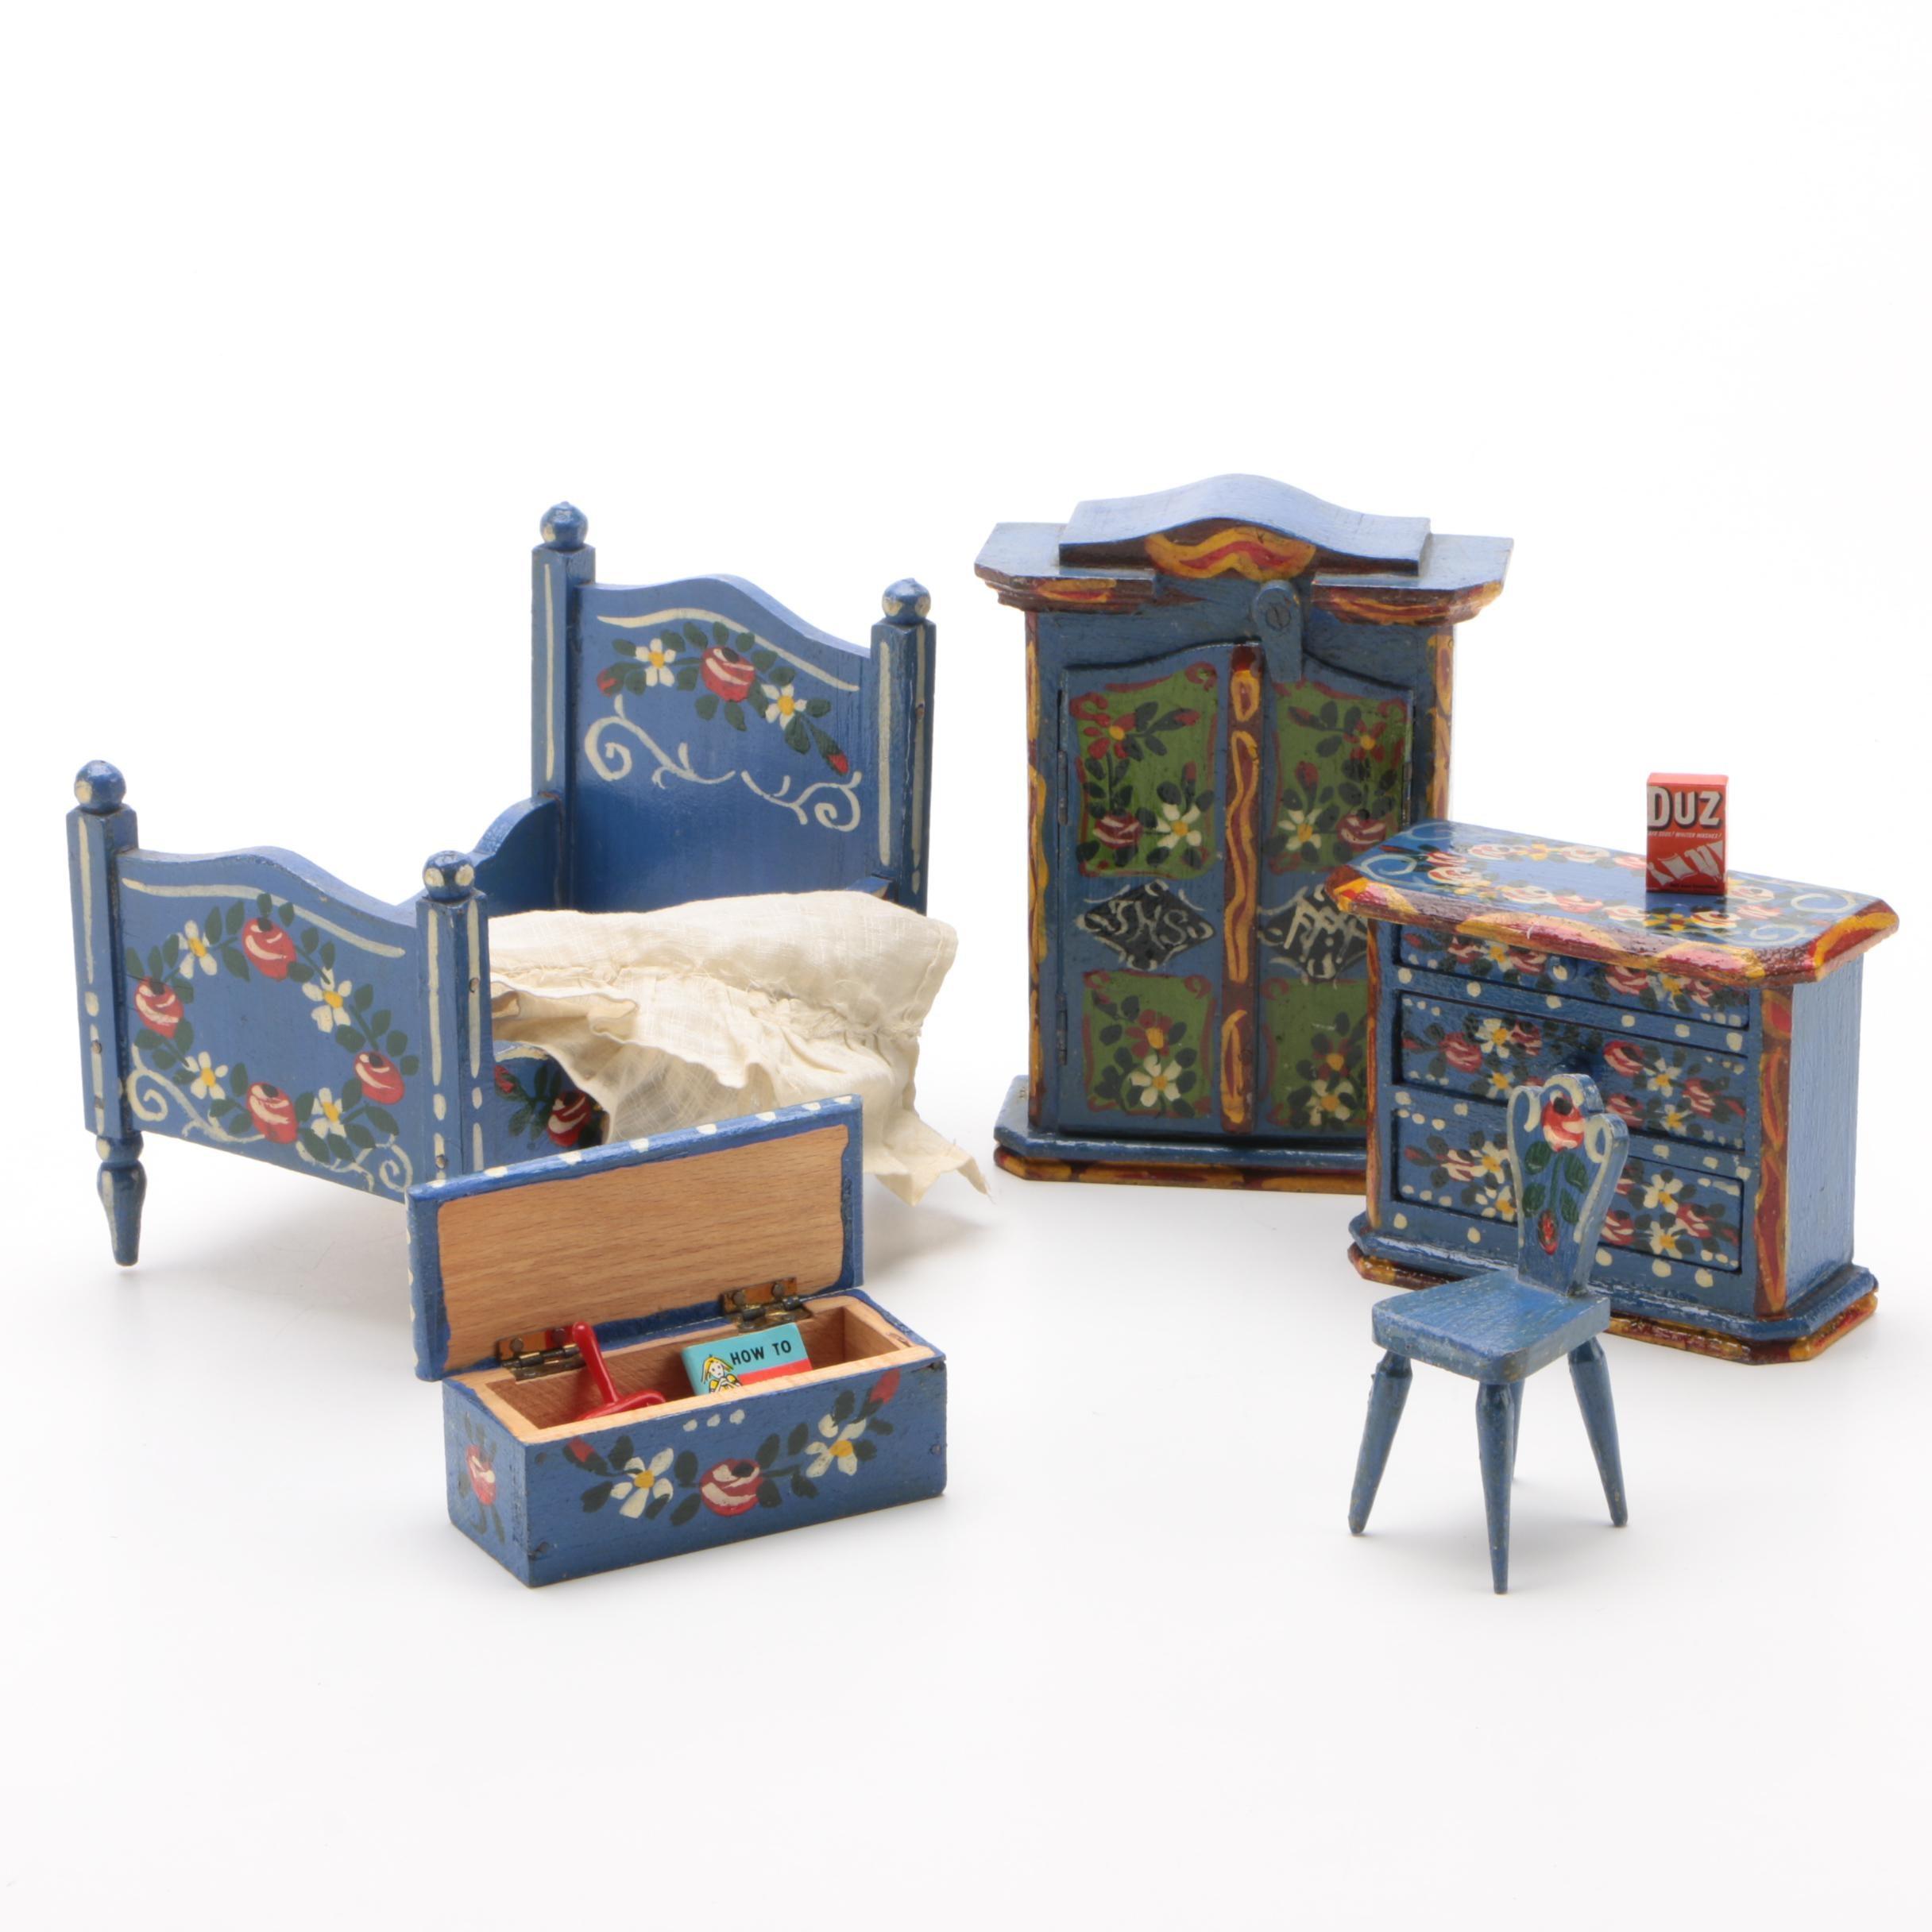 Hand-Painted Miniature Bedroom Set